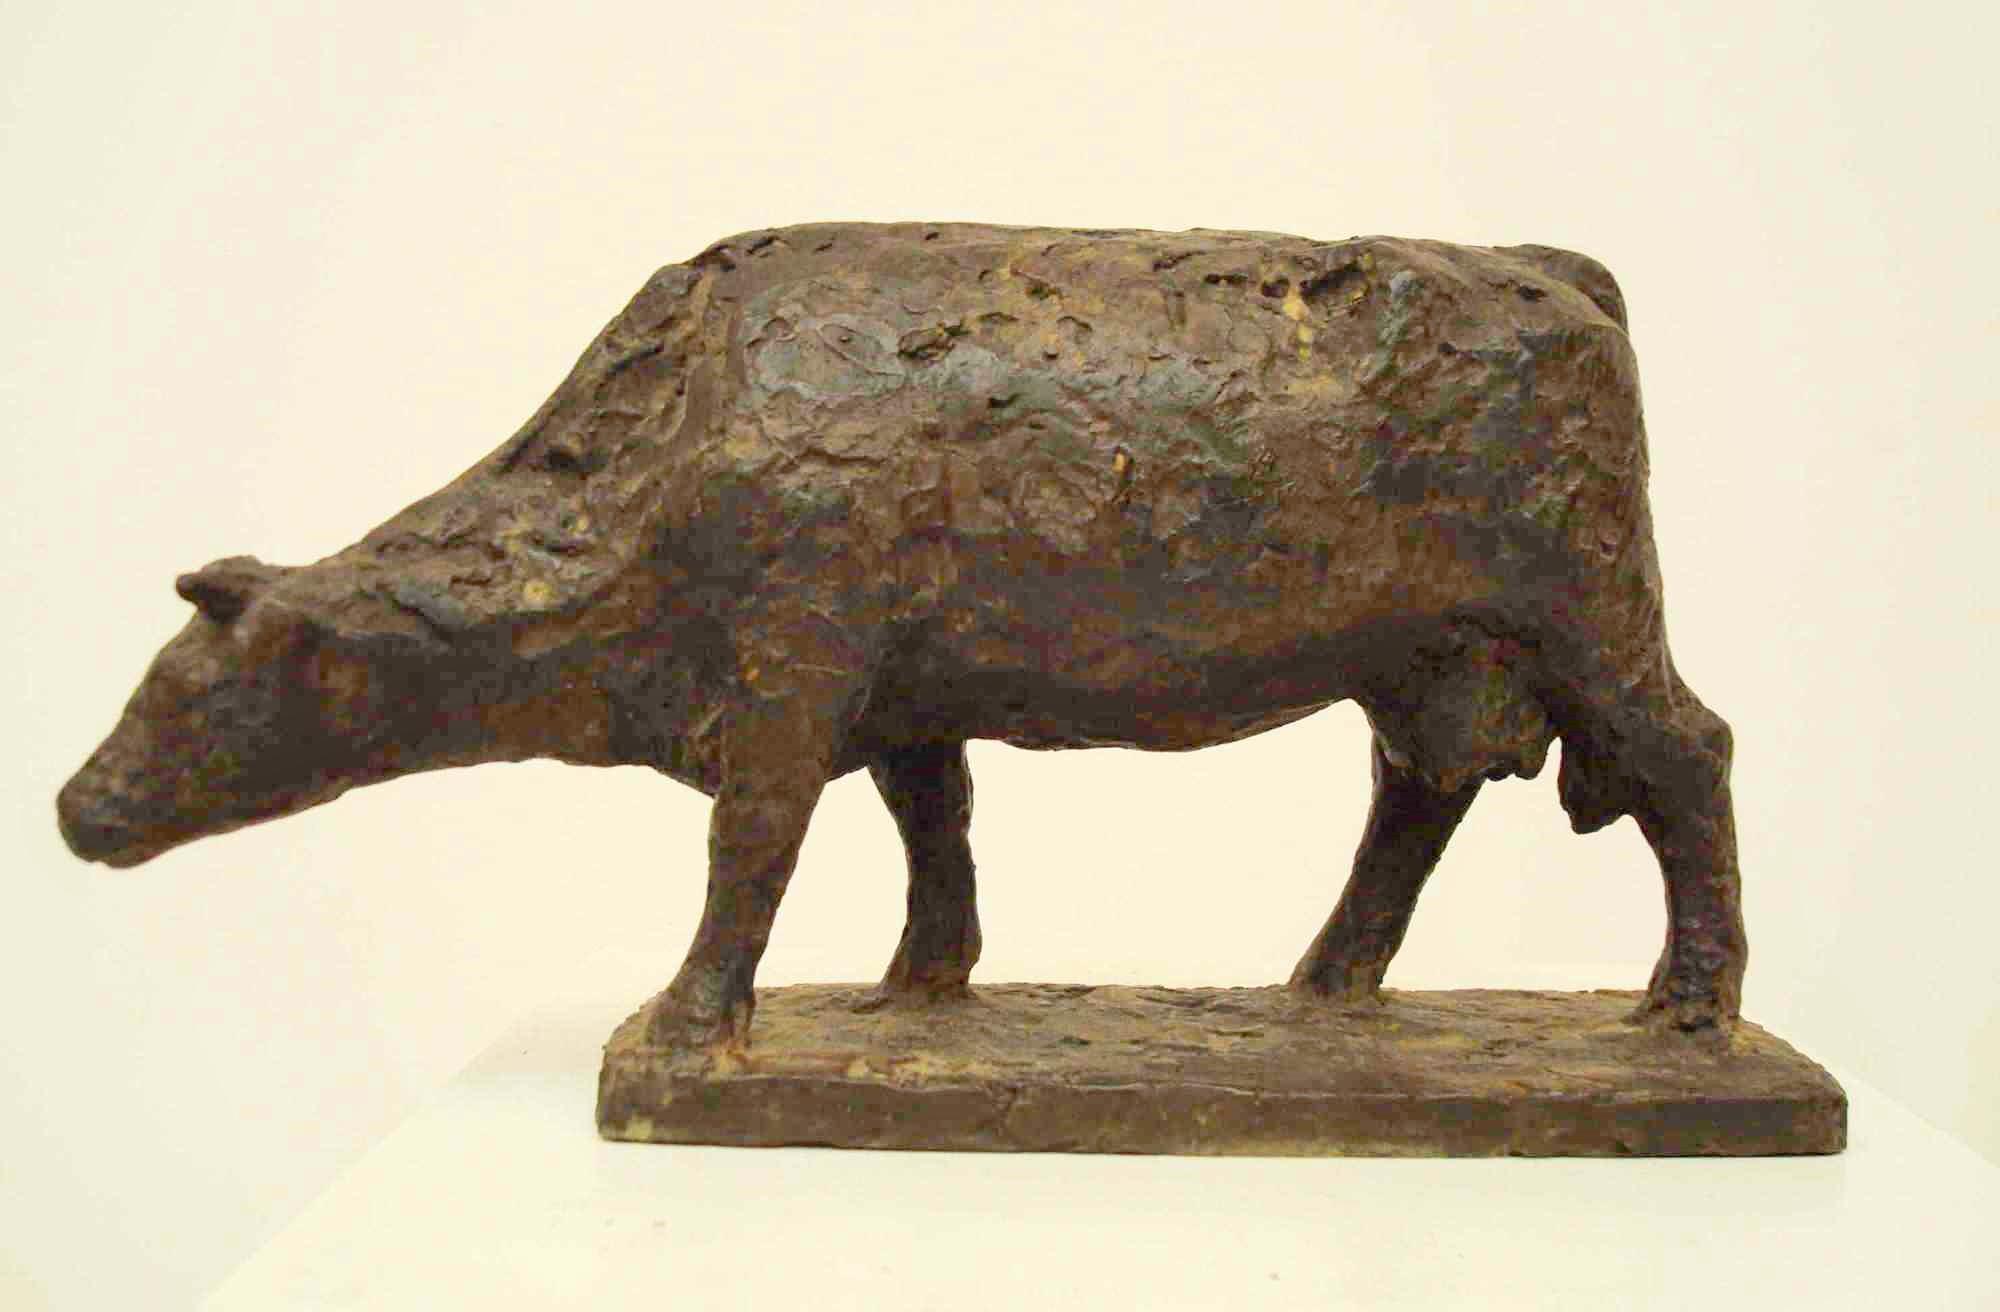 Gerry van der velden   koe  zoekend  brons  hoog 14 cm   800 00